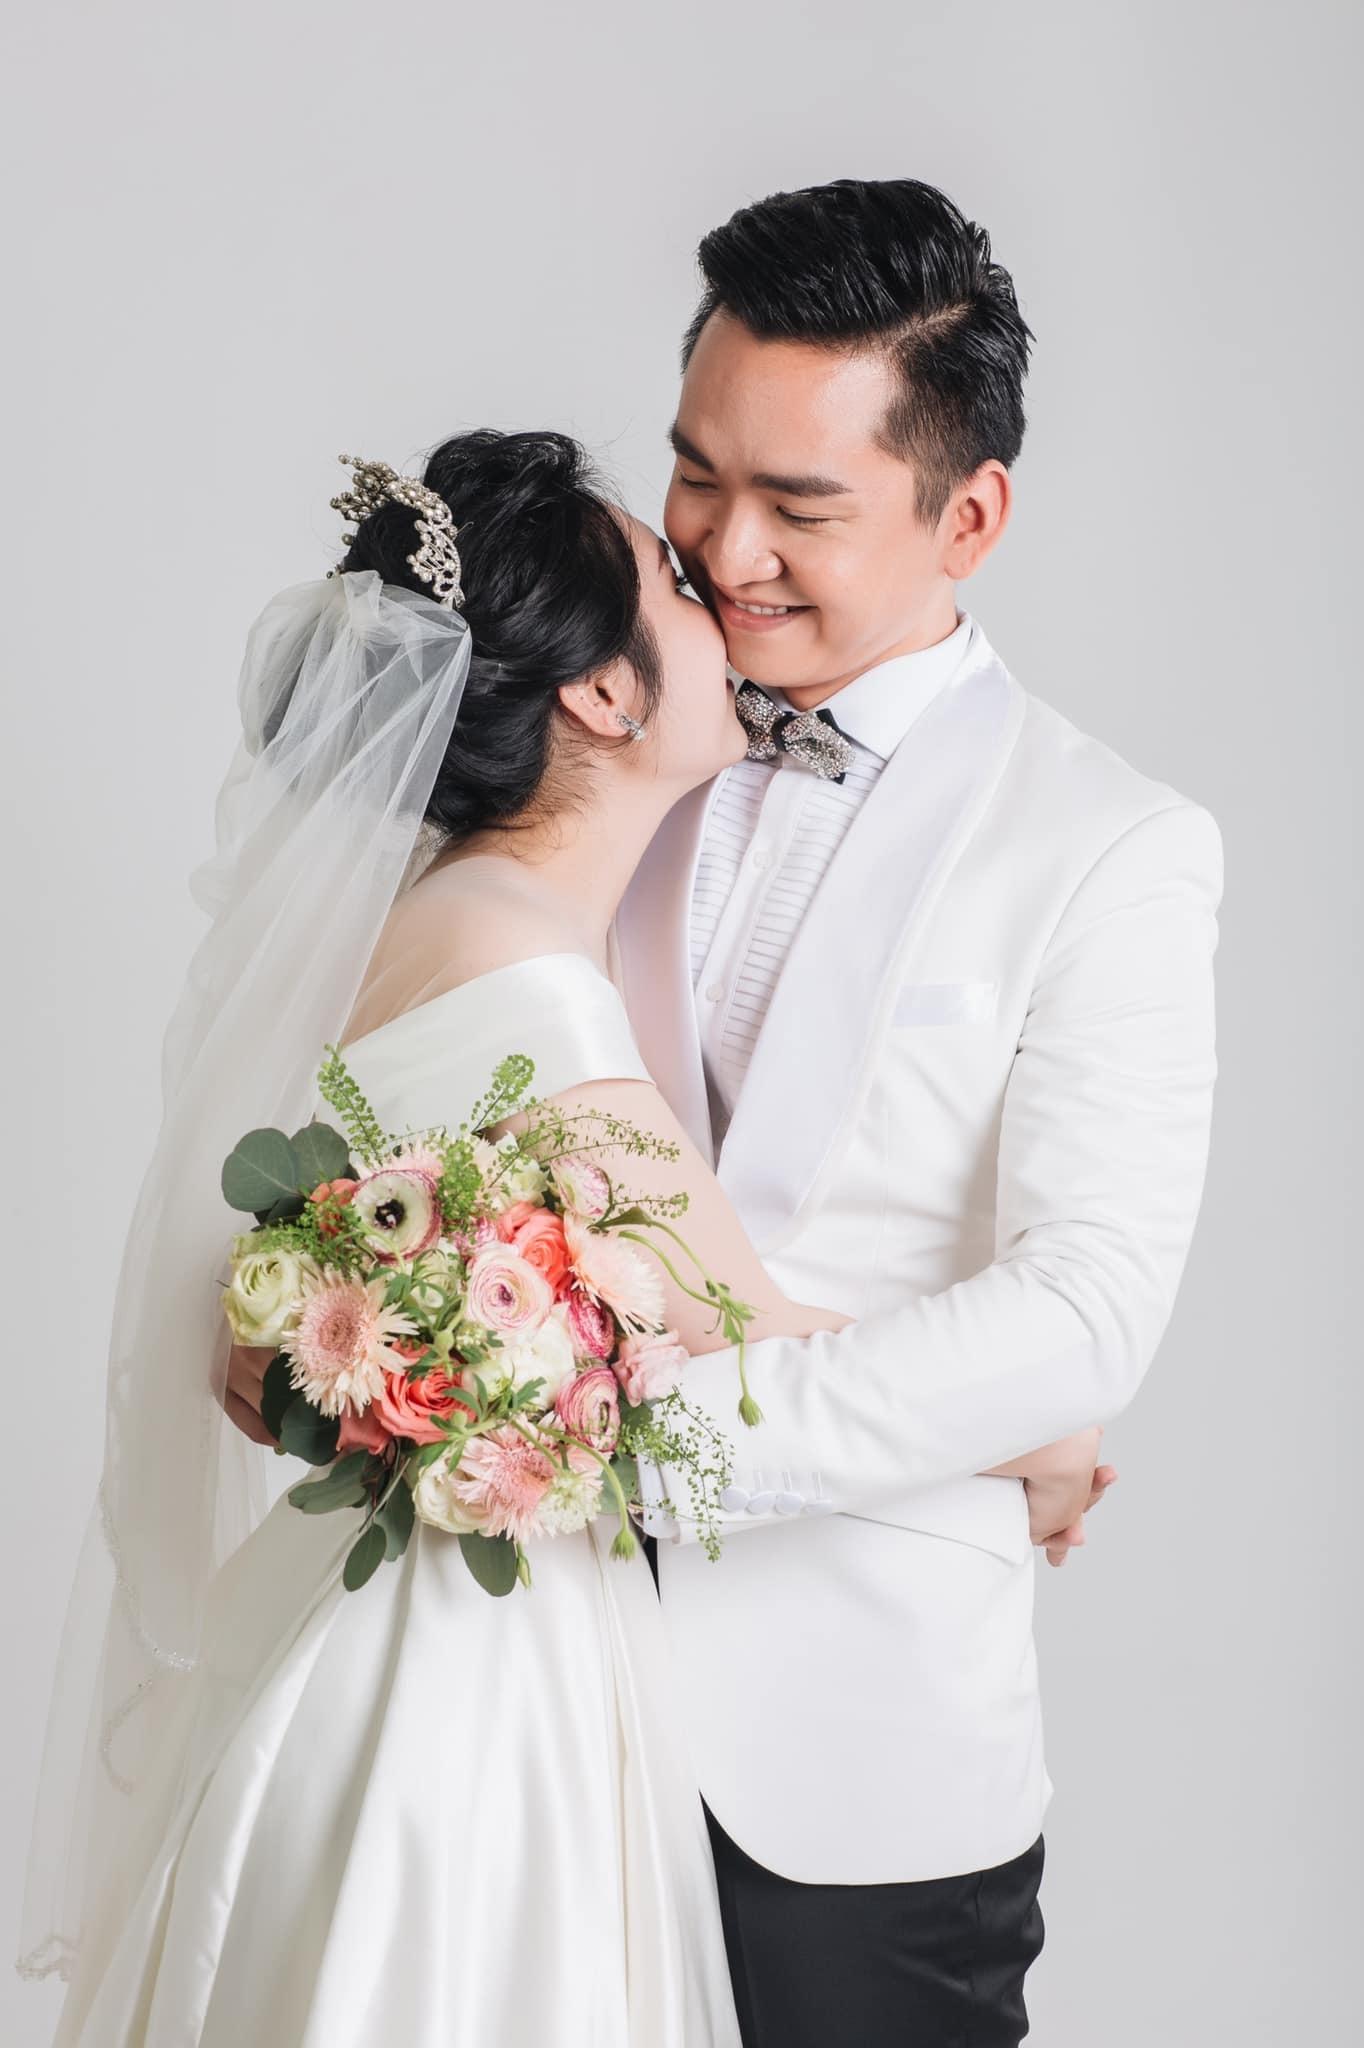 mc hanh phuc 5 MC Hạnh Phúc lần đầu đăng ảnh cưới sau hơn 1 năm kết hôn